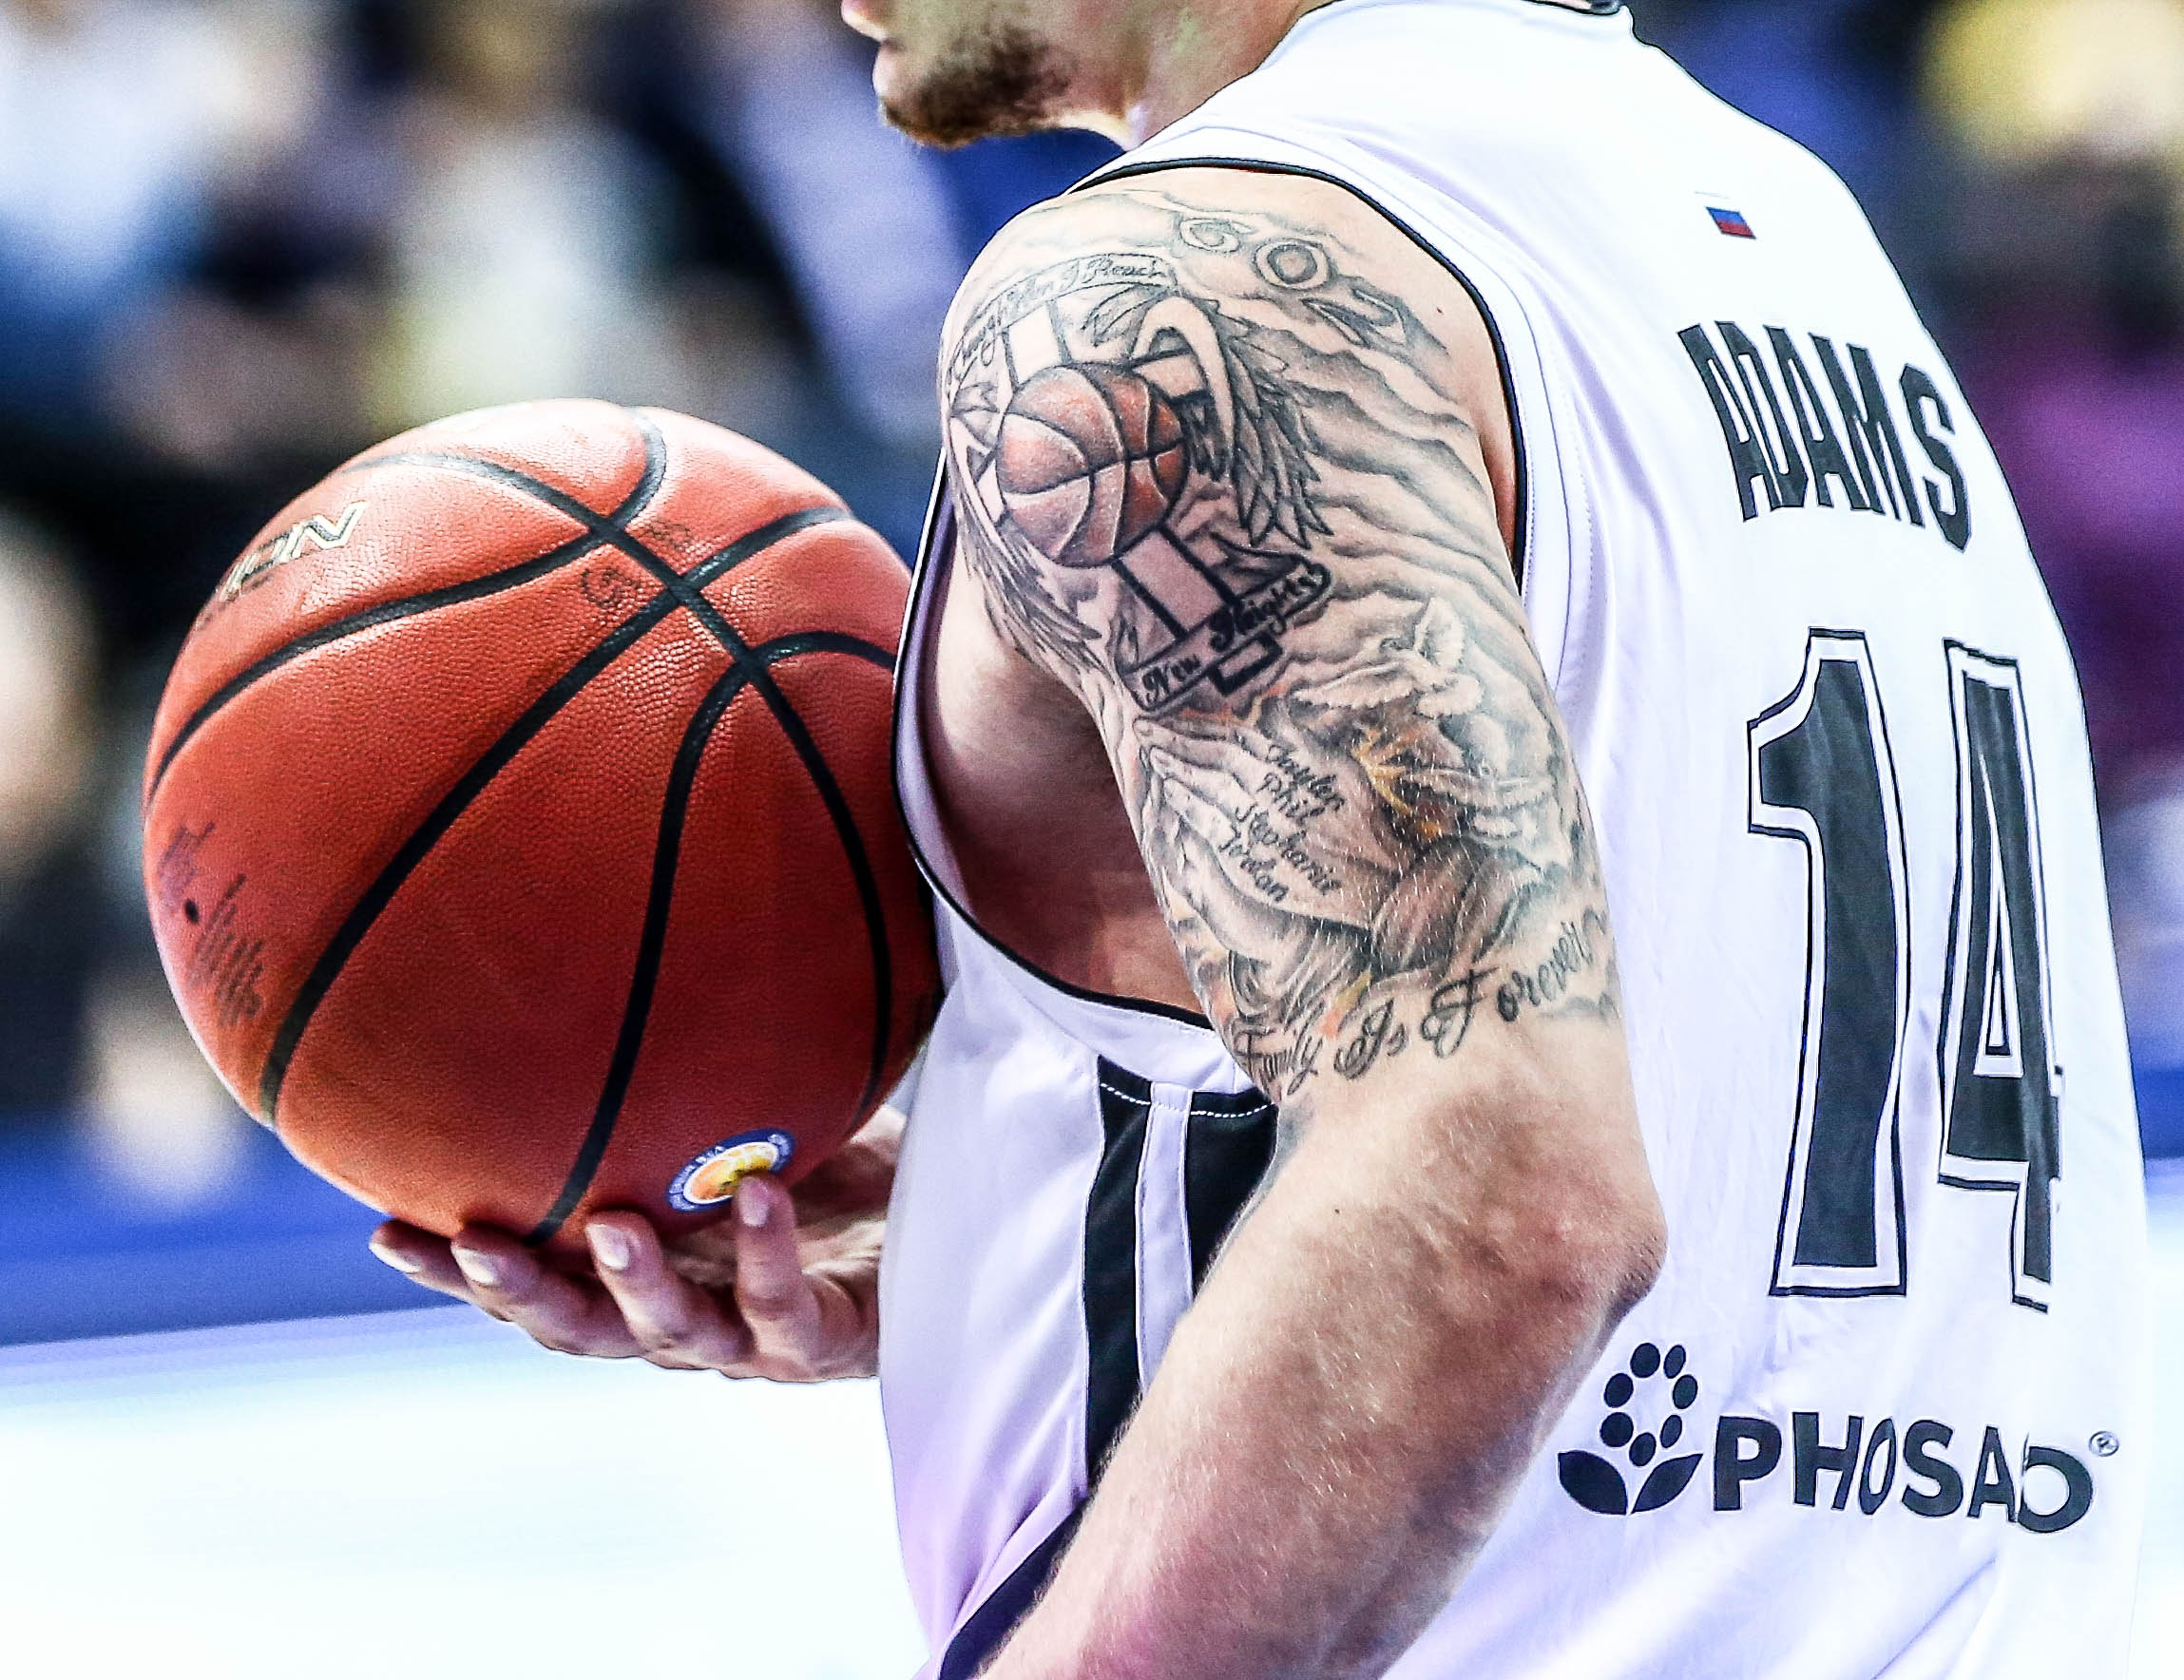 «Баскетбол — это то, ради чего мы живем». Игроки в соцсетях